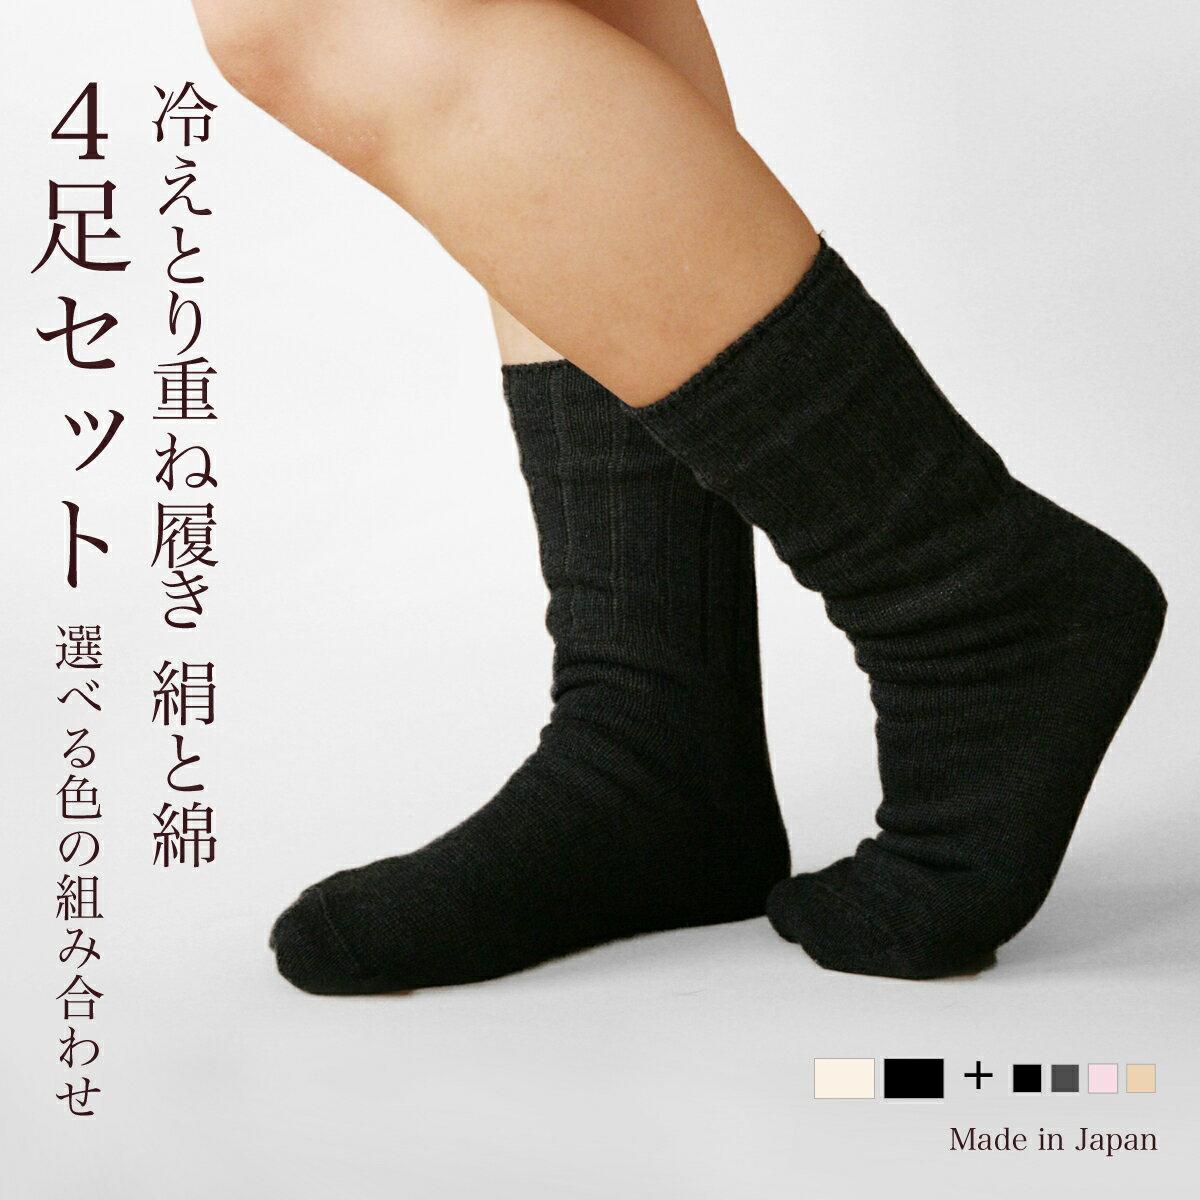 冷えとり靴下 4足セット (3570) 靴下 くつした ソックス レディース 女性 メンズ 男性 天然素材 絹 シルク 綿 コットン 5本指靴下 かかとなし 日本製 【nukunuku】